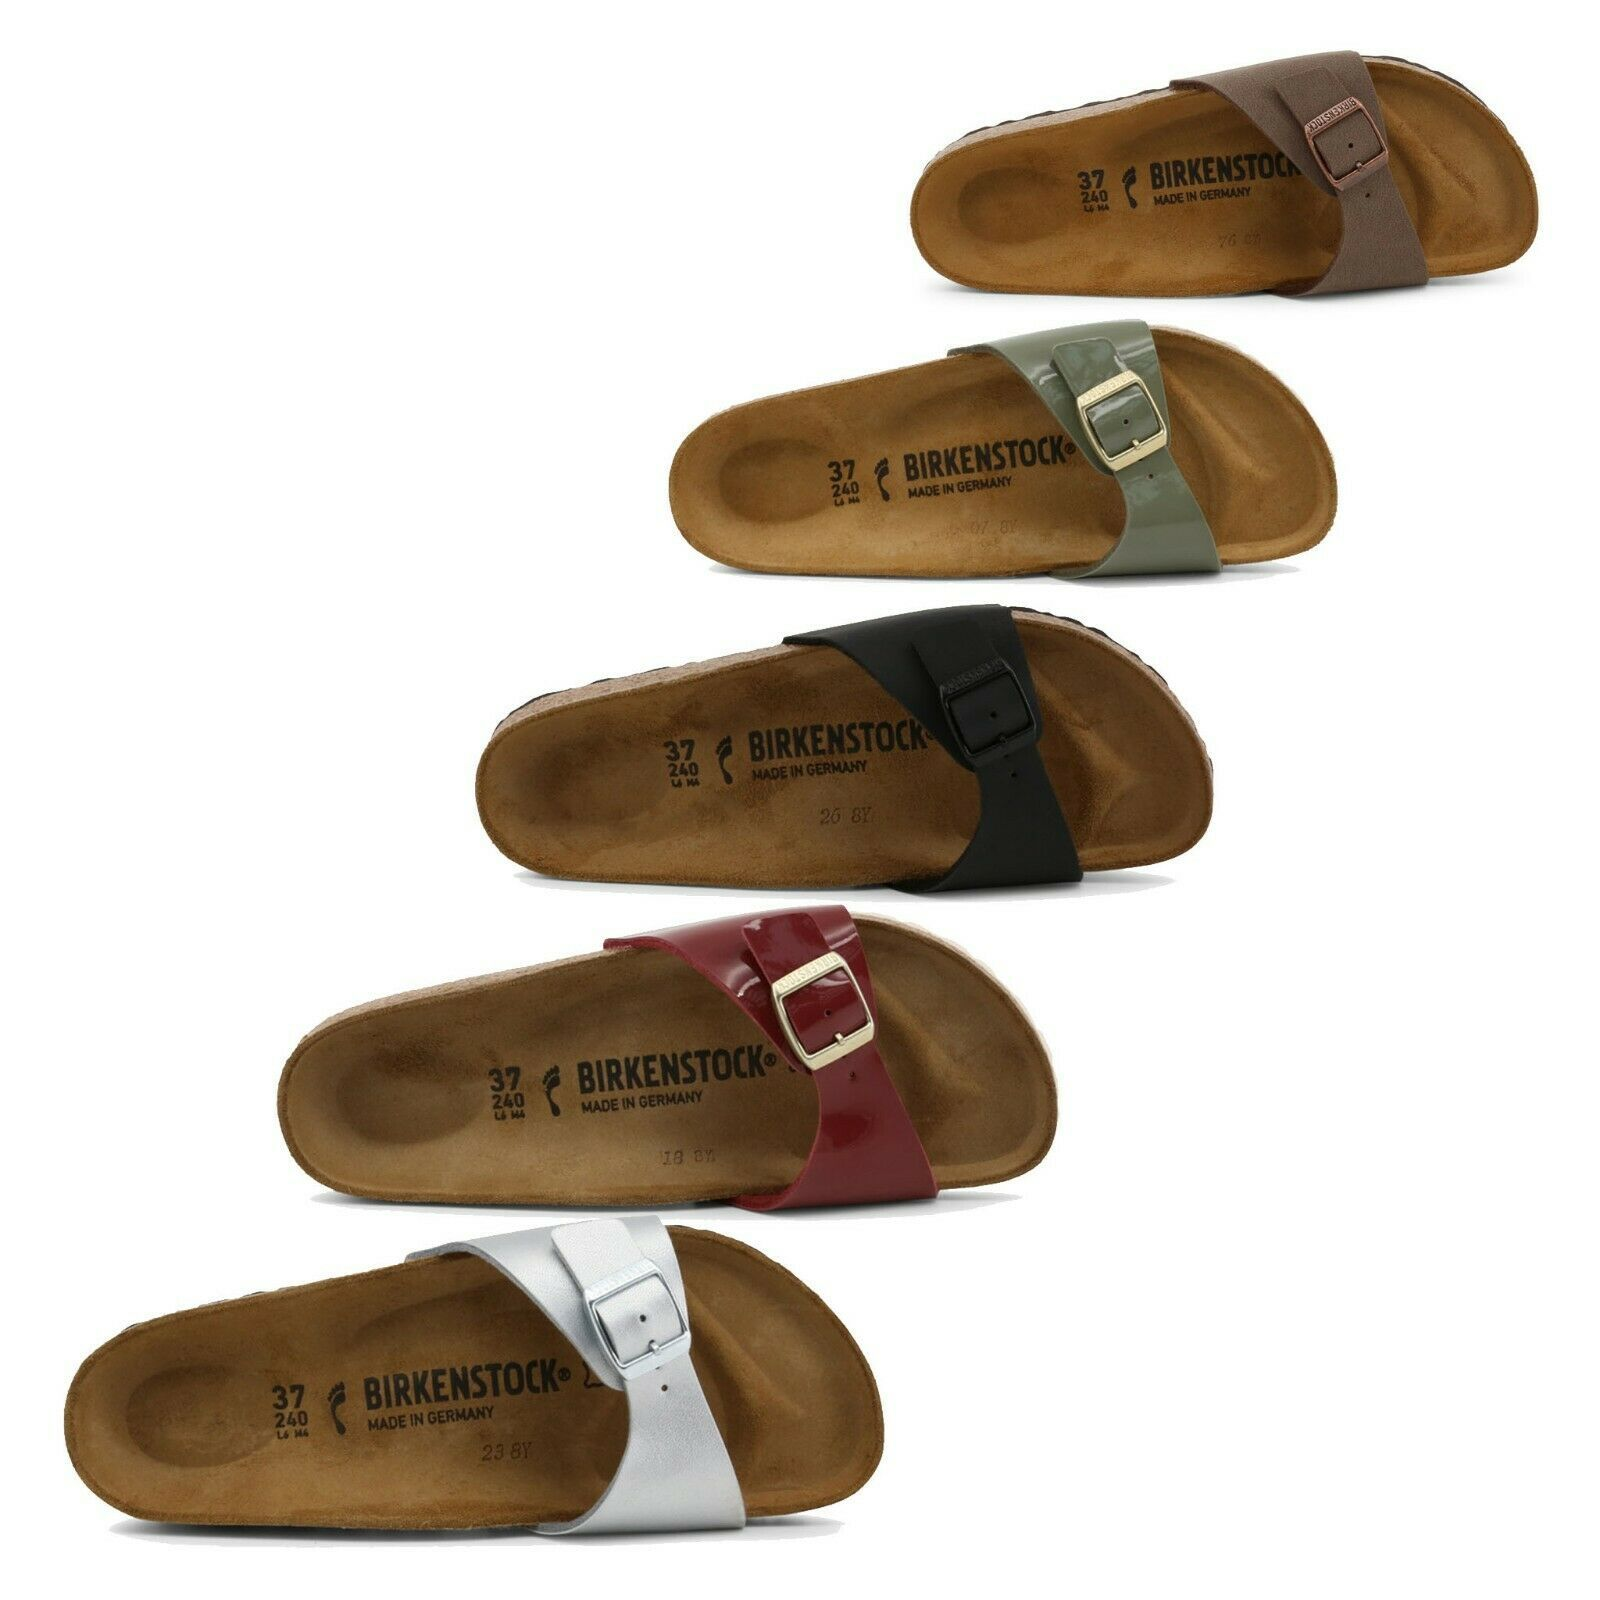 Birkenstock Sandal: 309 listings